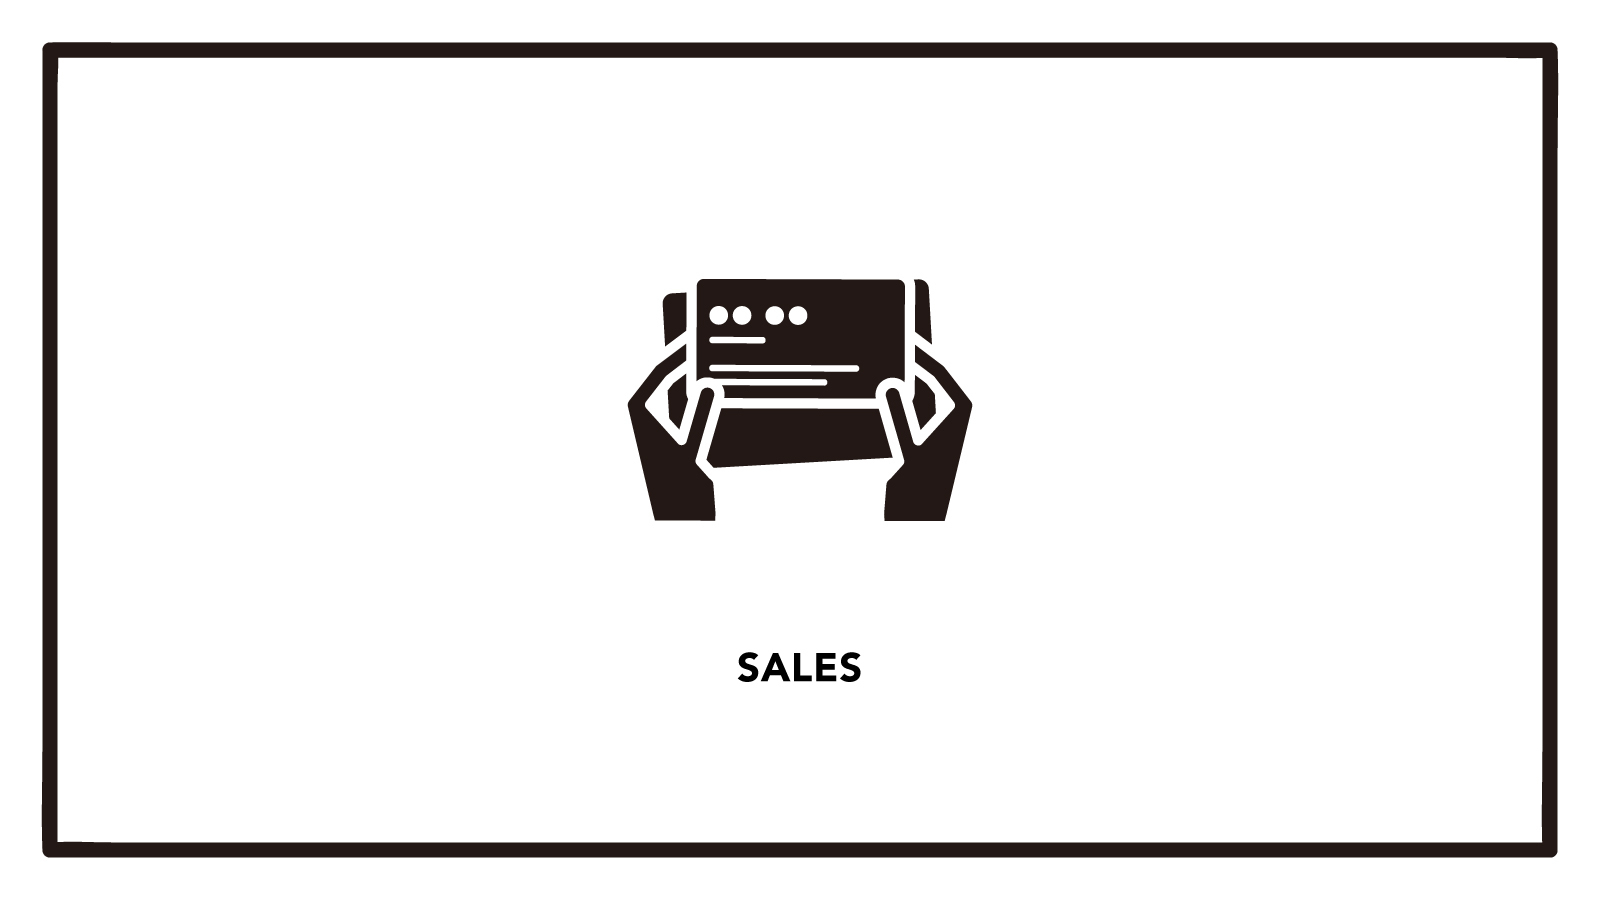 【卸営業】売上だけじゃない!ブランドイメージも大事にできる営業 のカバー写真